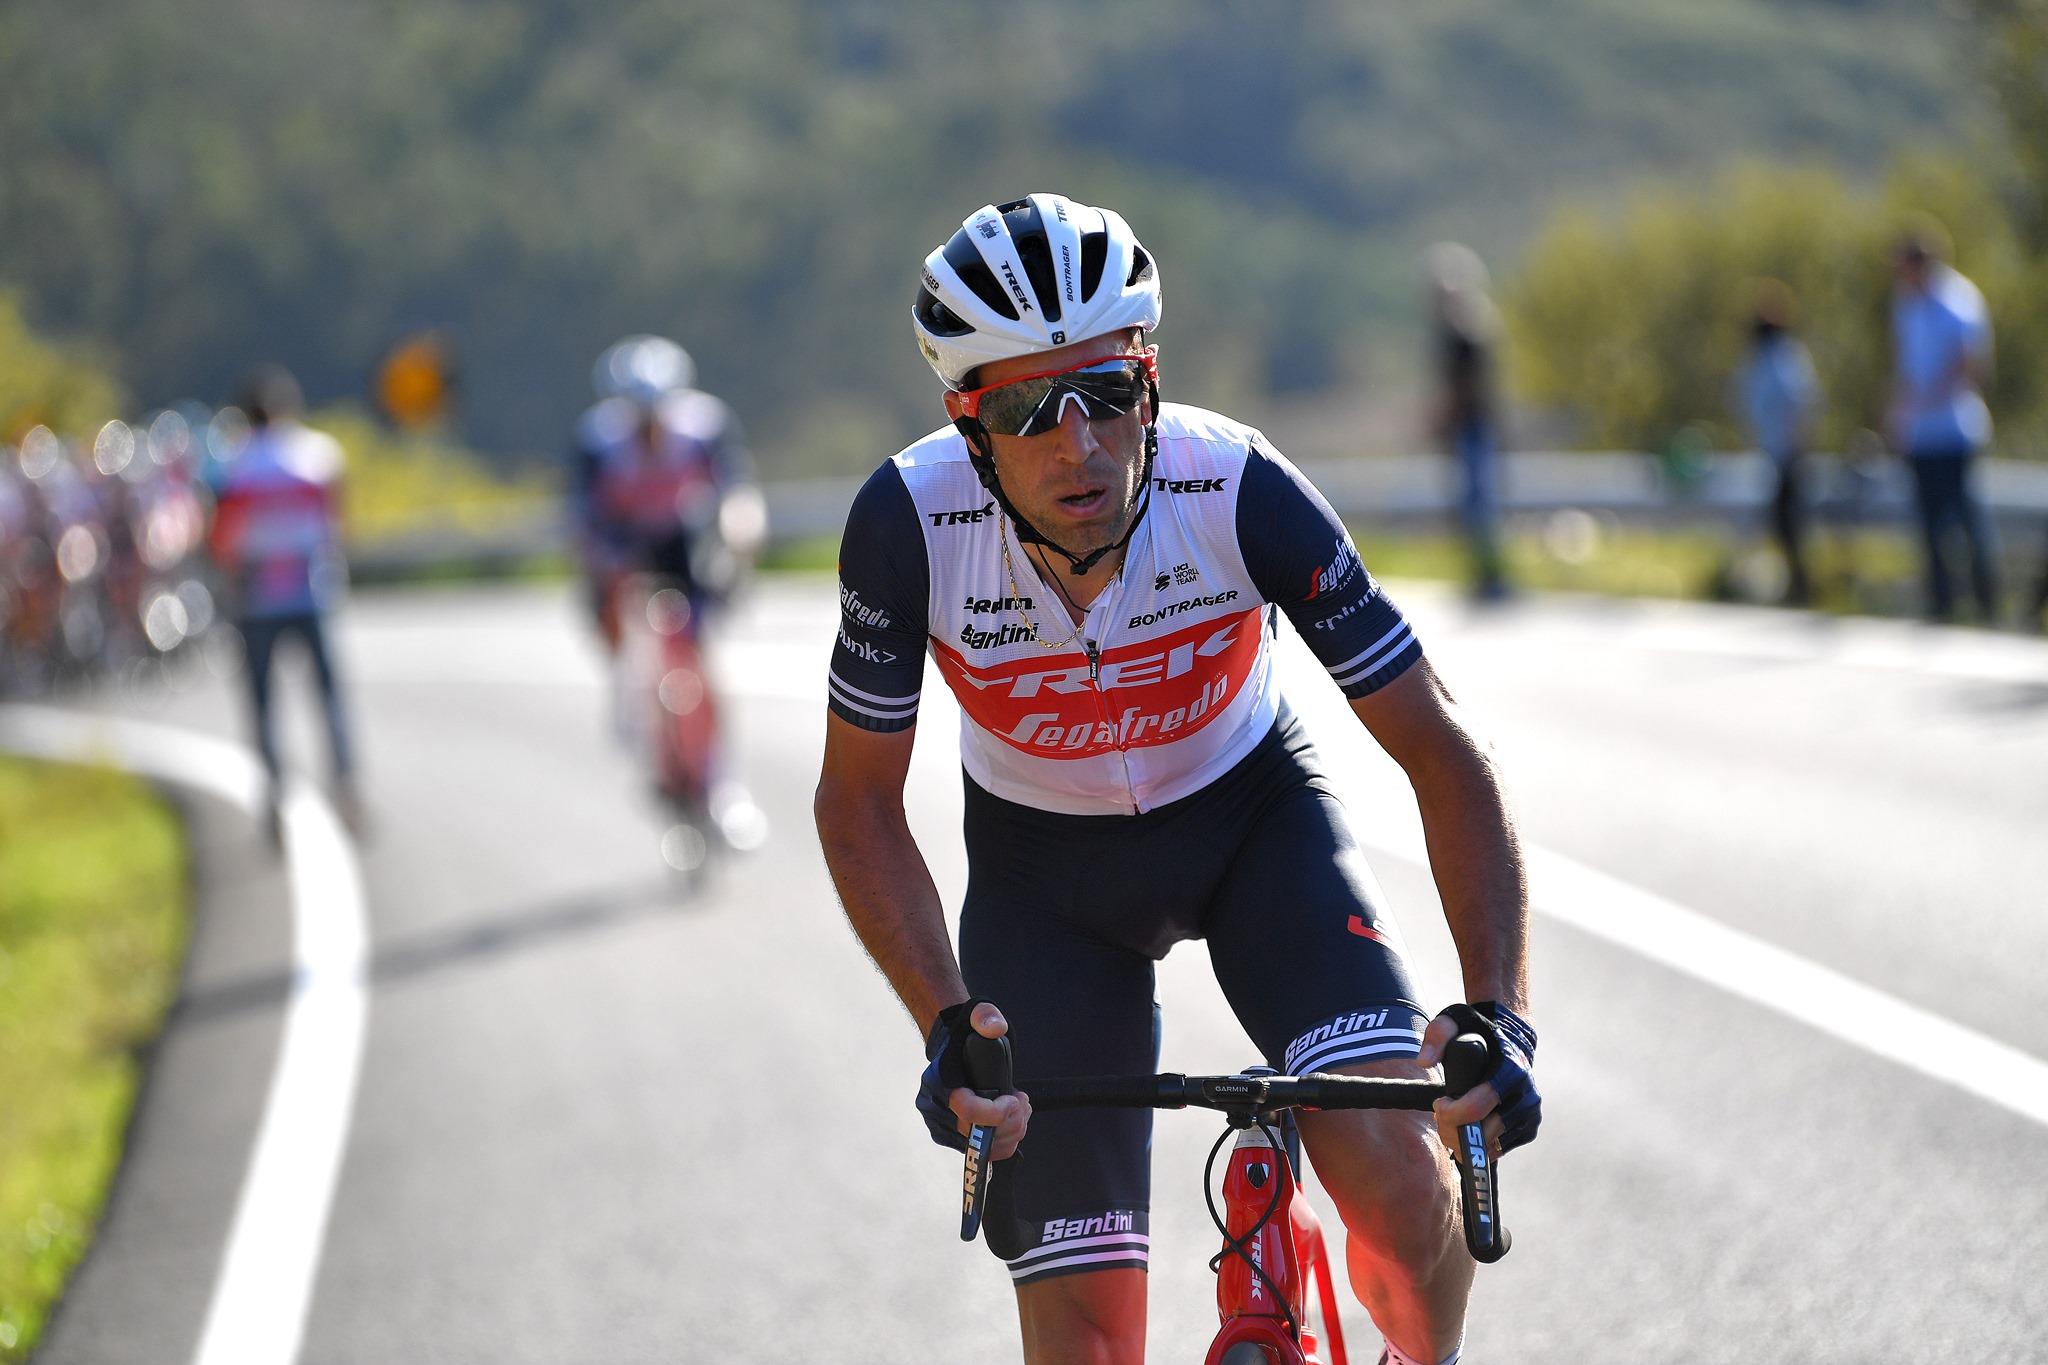 Vincenzo Nibali a ottobre sarà al Giro. Calendario molto italiano ...